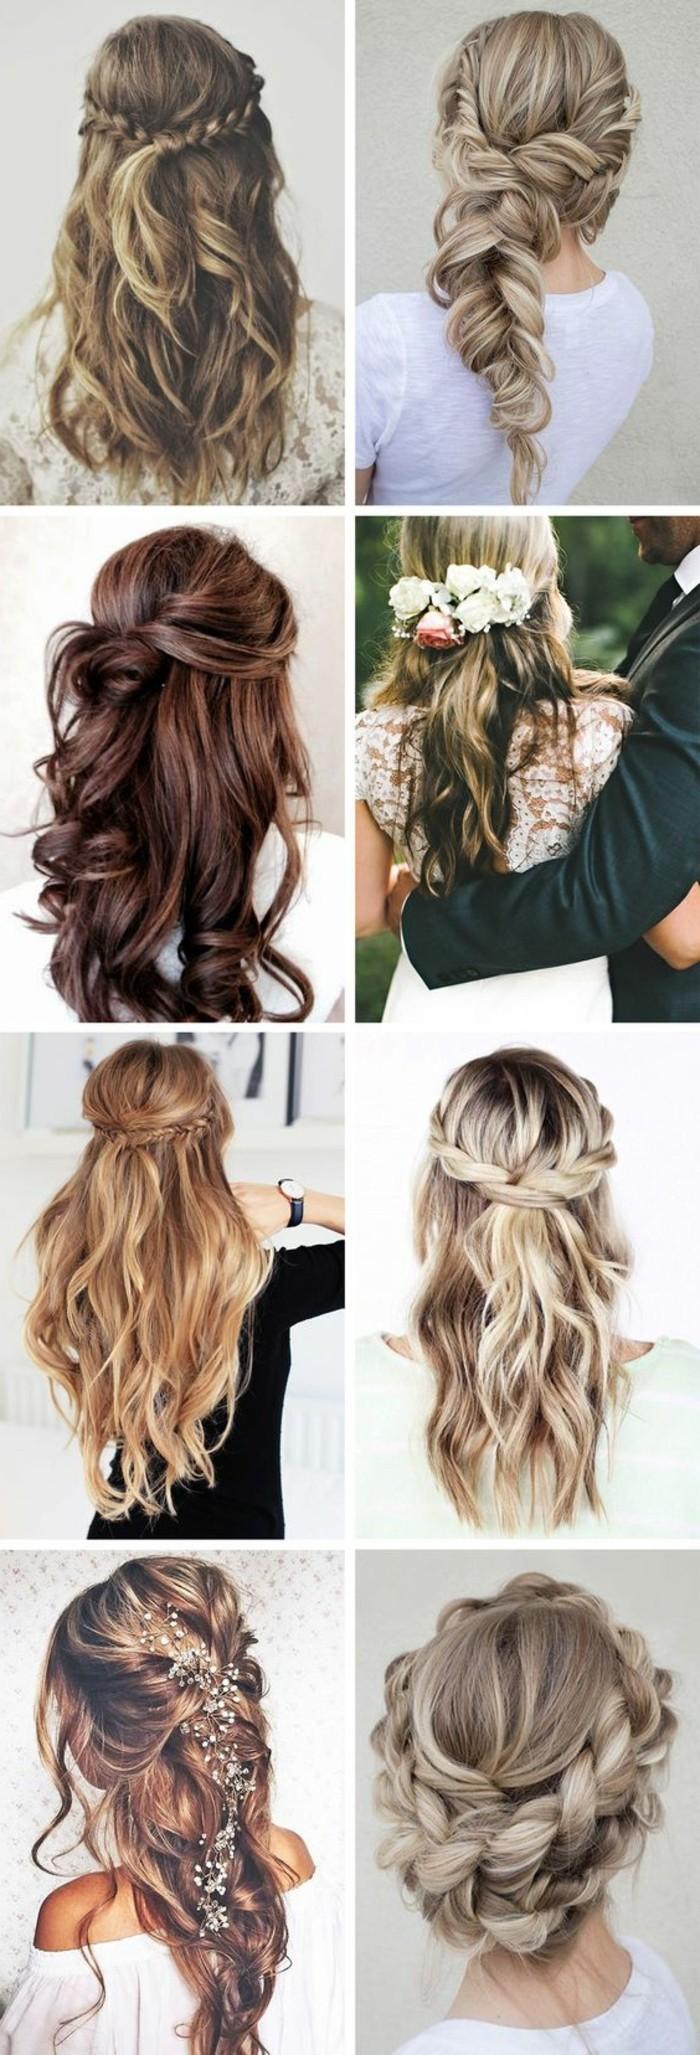 alltagsfrisuren-lockige-haare-blumen-frauen-zopfe-ideen-haarfrisur